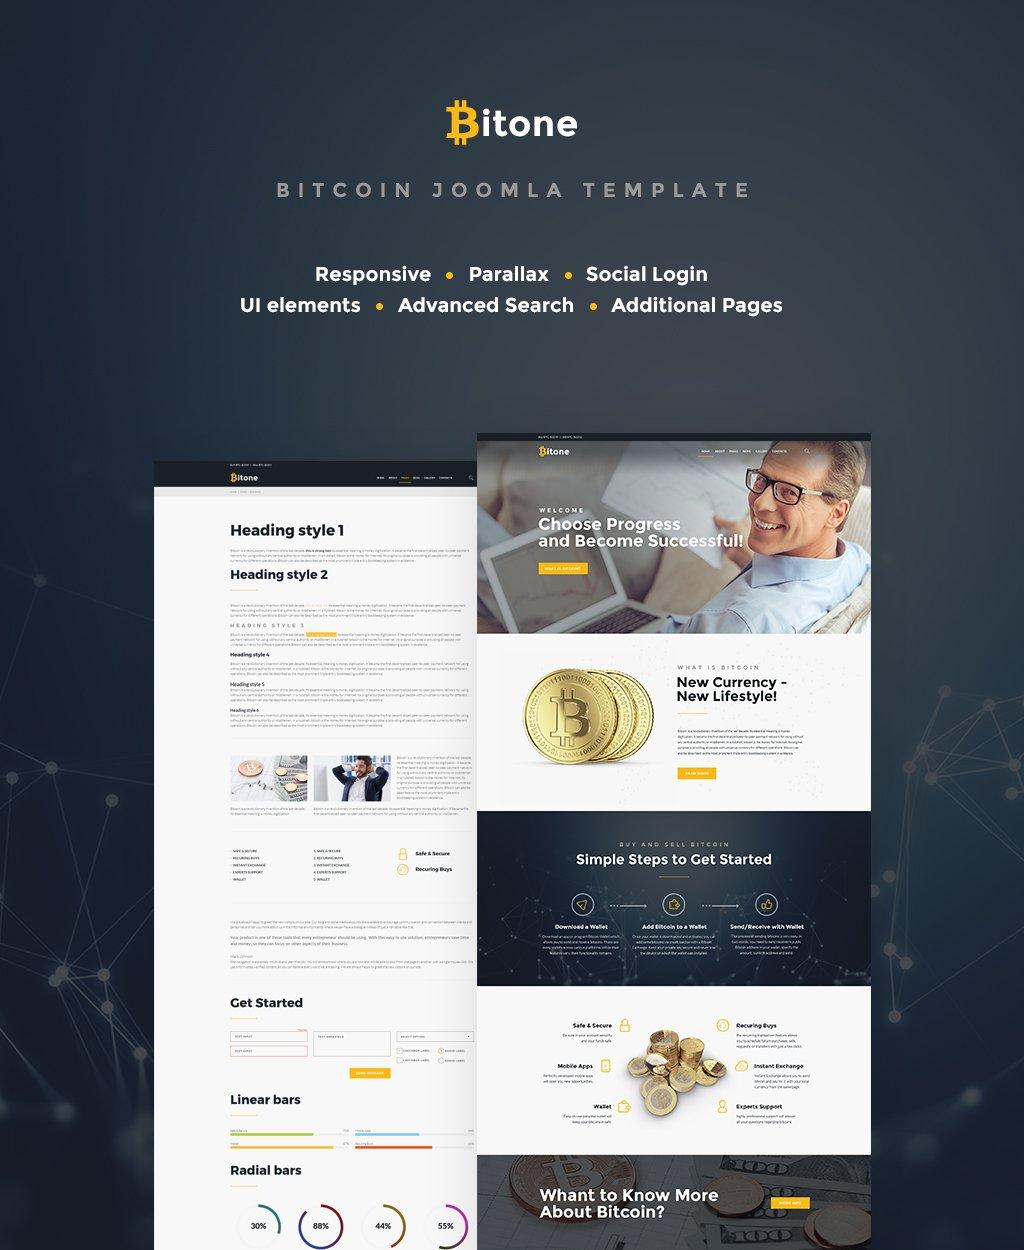 Responsywny szablon Joomla Bitone - kryptowaluta bitcoin #65414